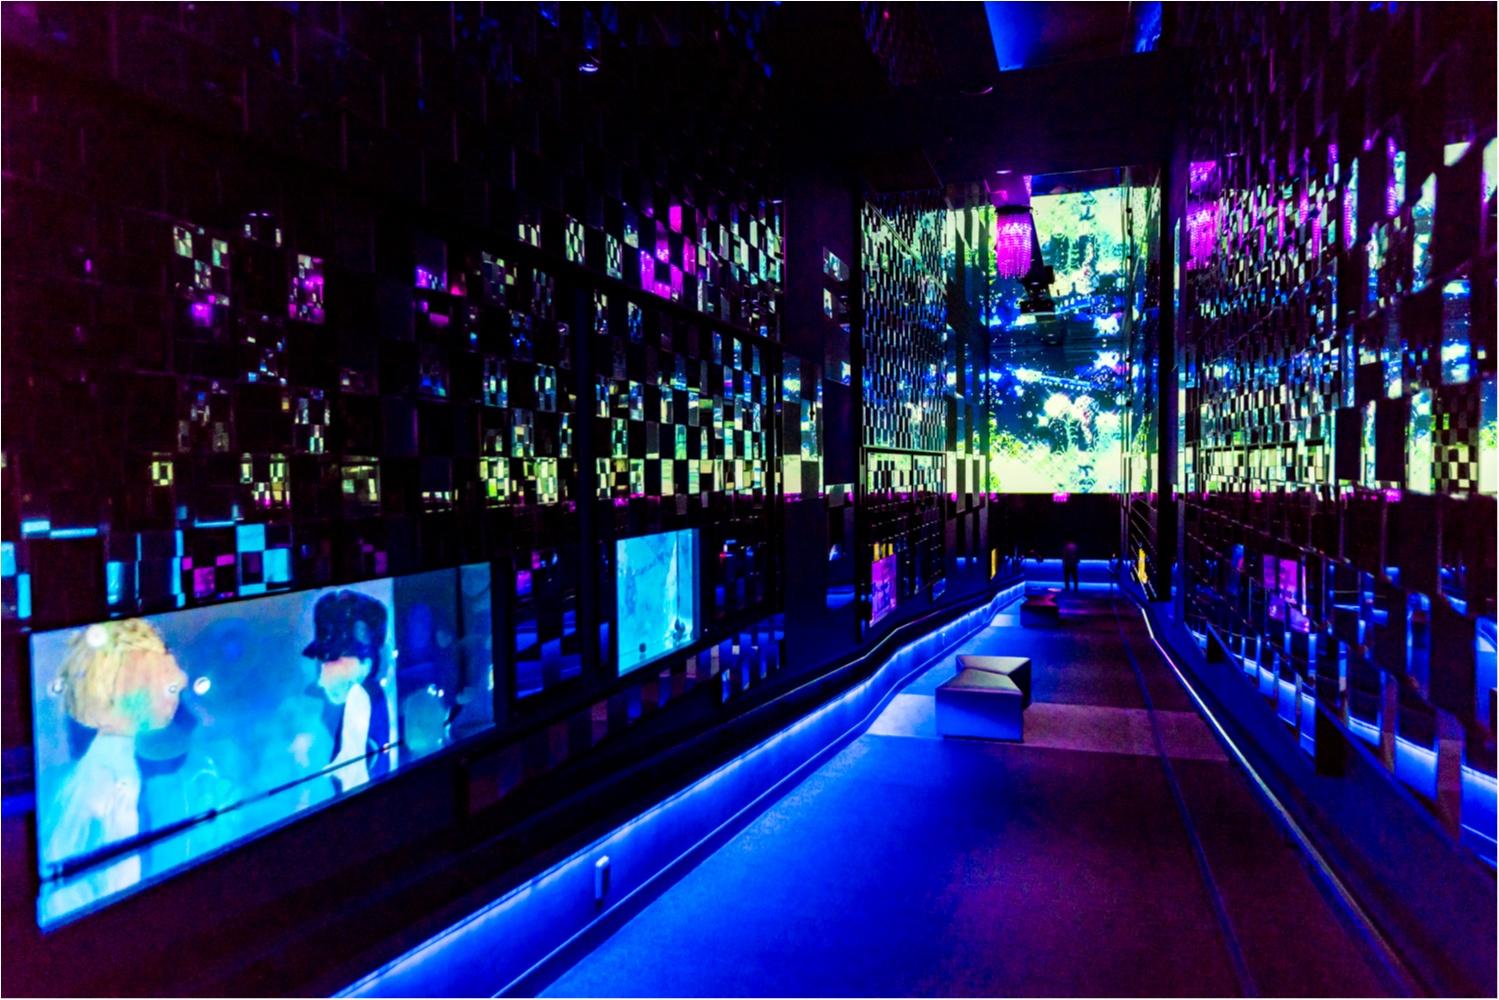 水族館で童話の世界に迷い込む♡ 『すみだ水族館』が清川あさみさんとのコラボ『Fairy tale in Aquarium〜水と幻想の世界〜』を開催中!【11/19(日)まで】_1_3